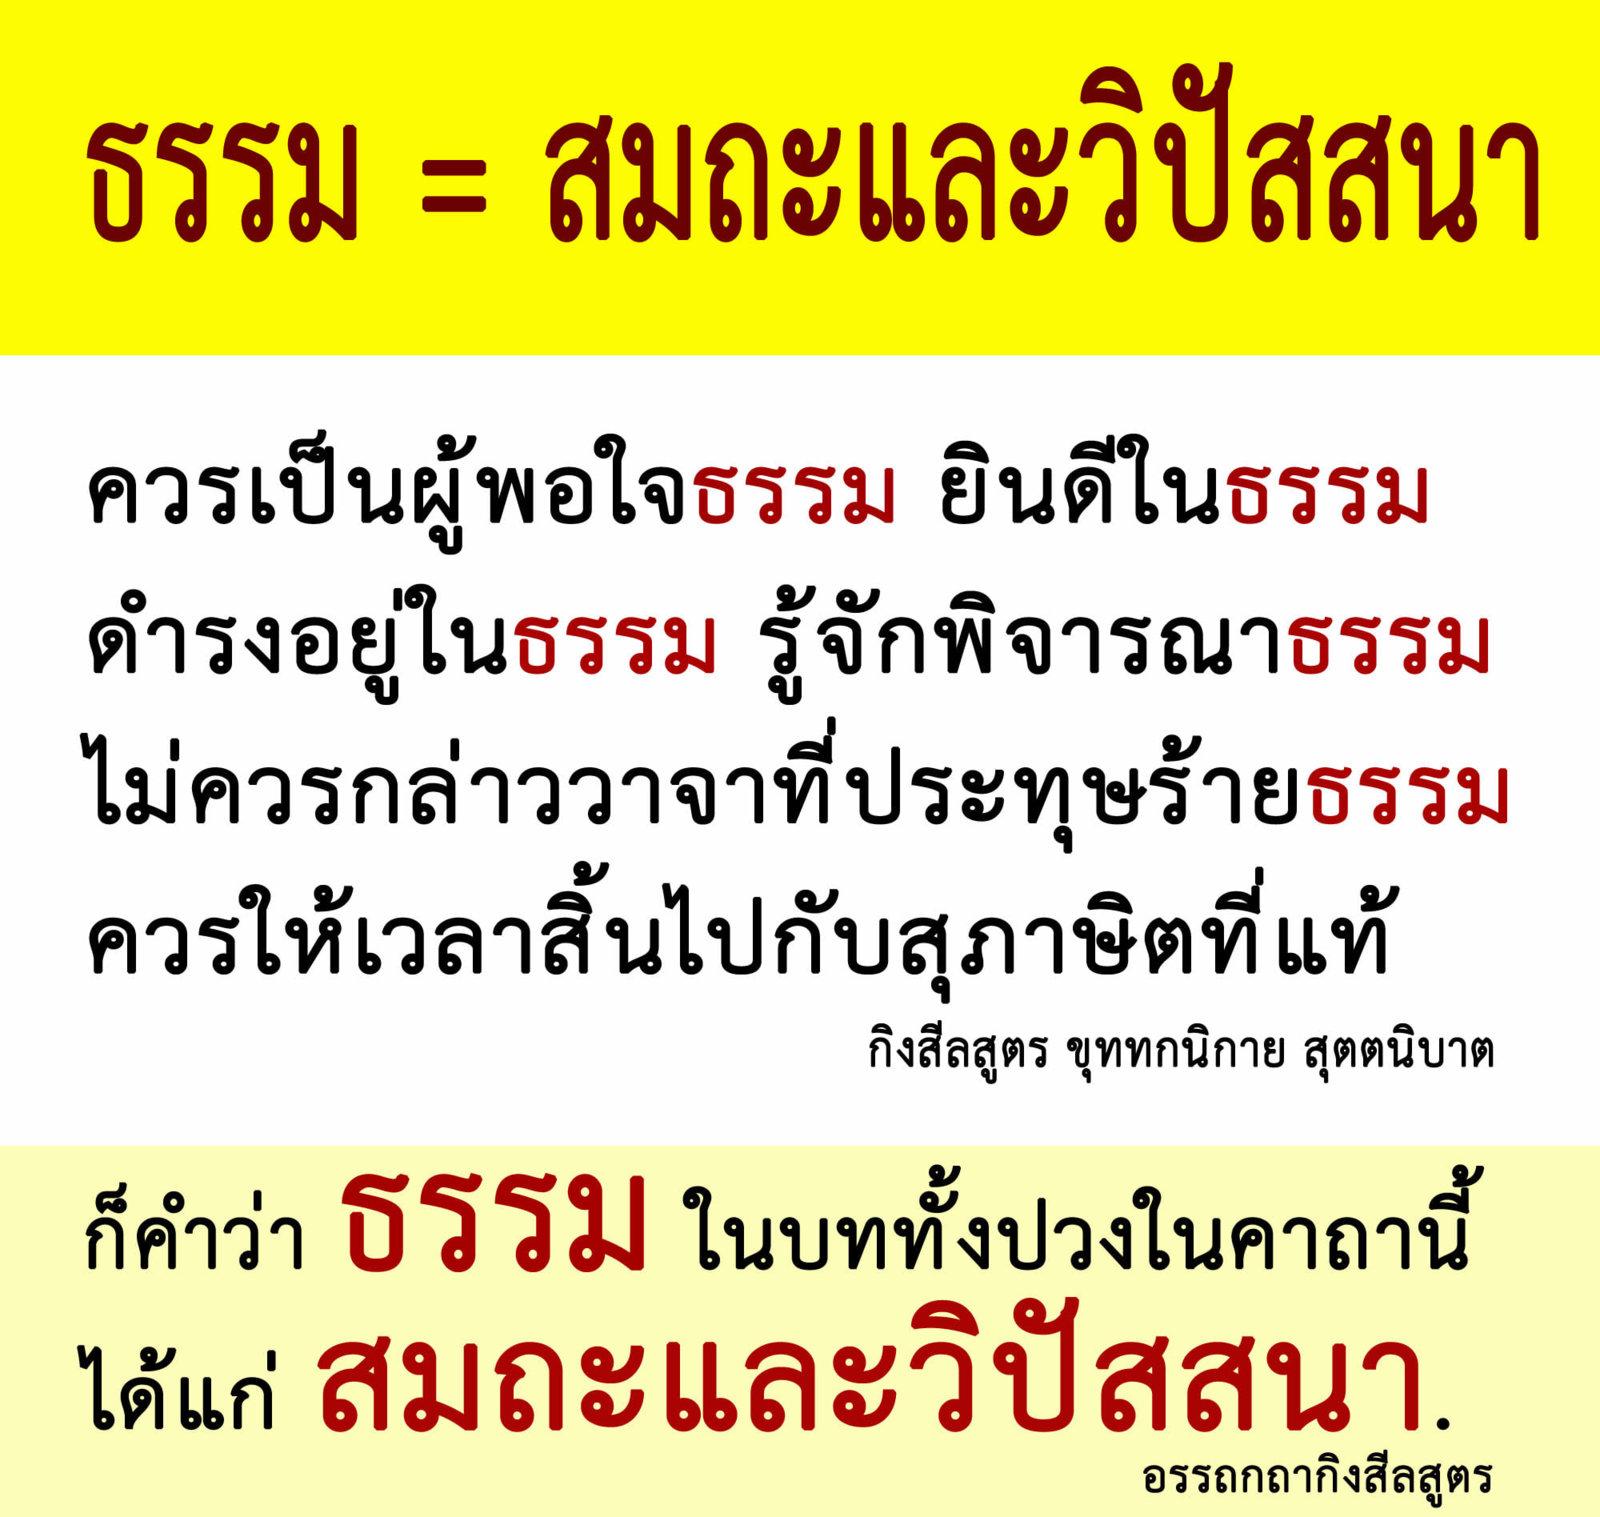 ?temp_hash=0c164c2a23c2d427ba2093fb38079fac.jpg